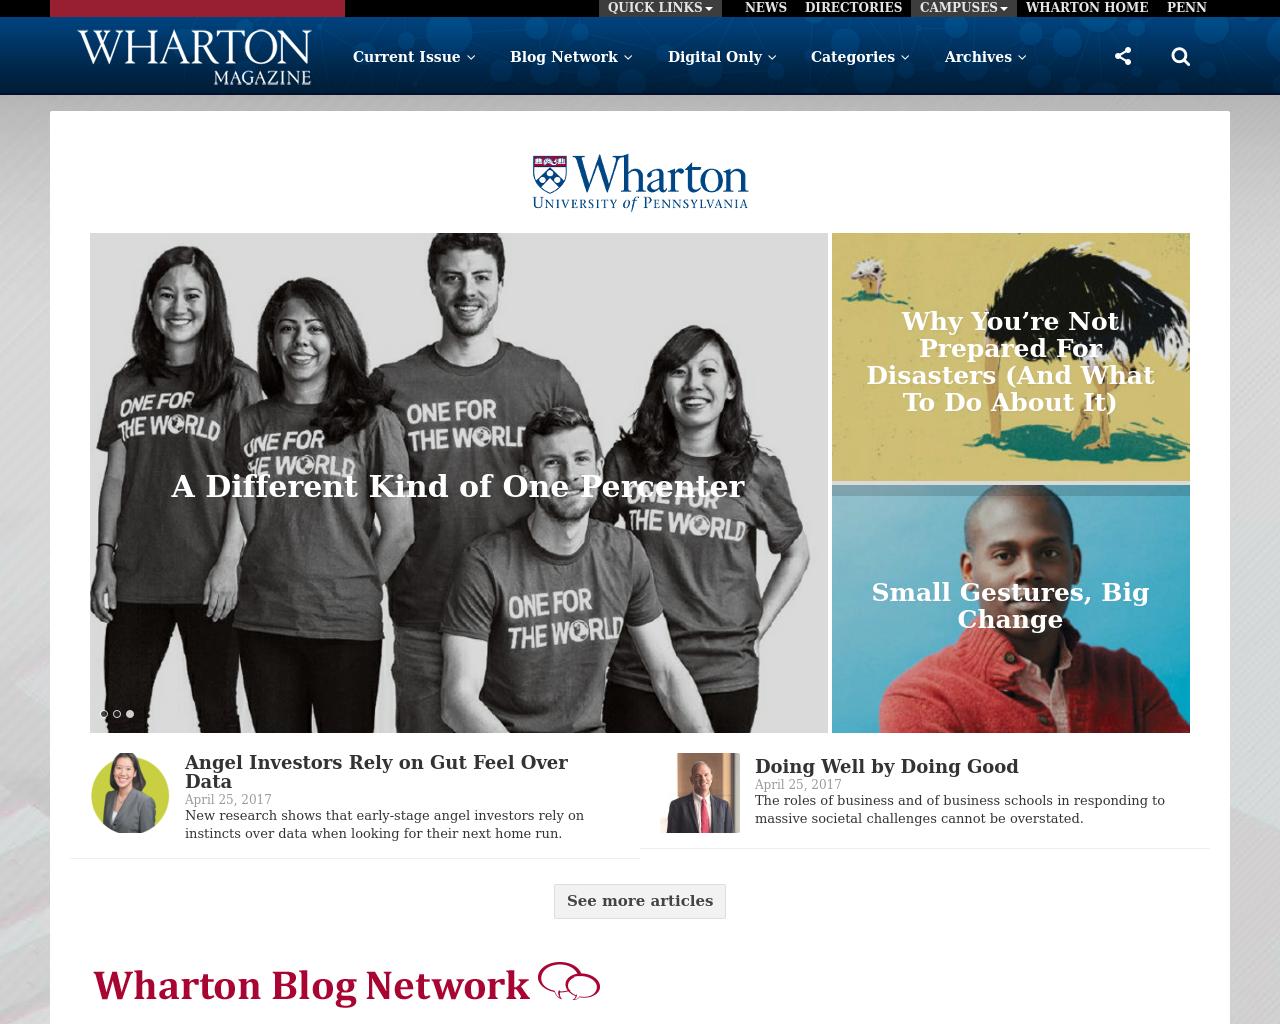 Wharton-Magazine-Advertising-Reviews-Pricing